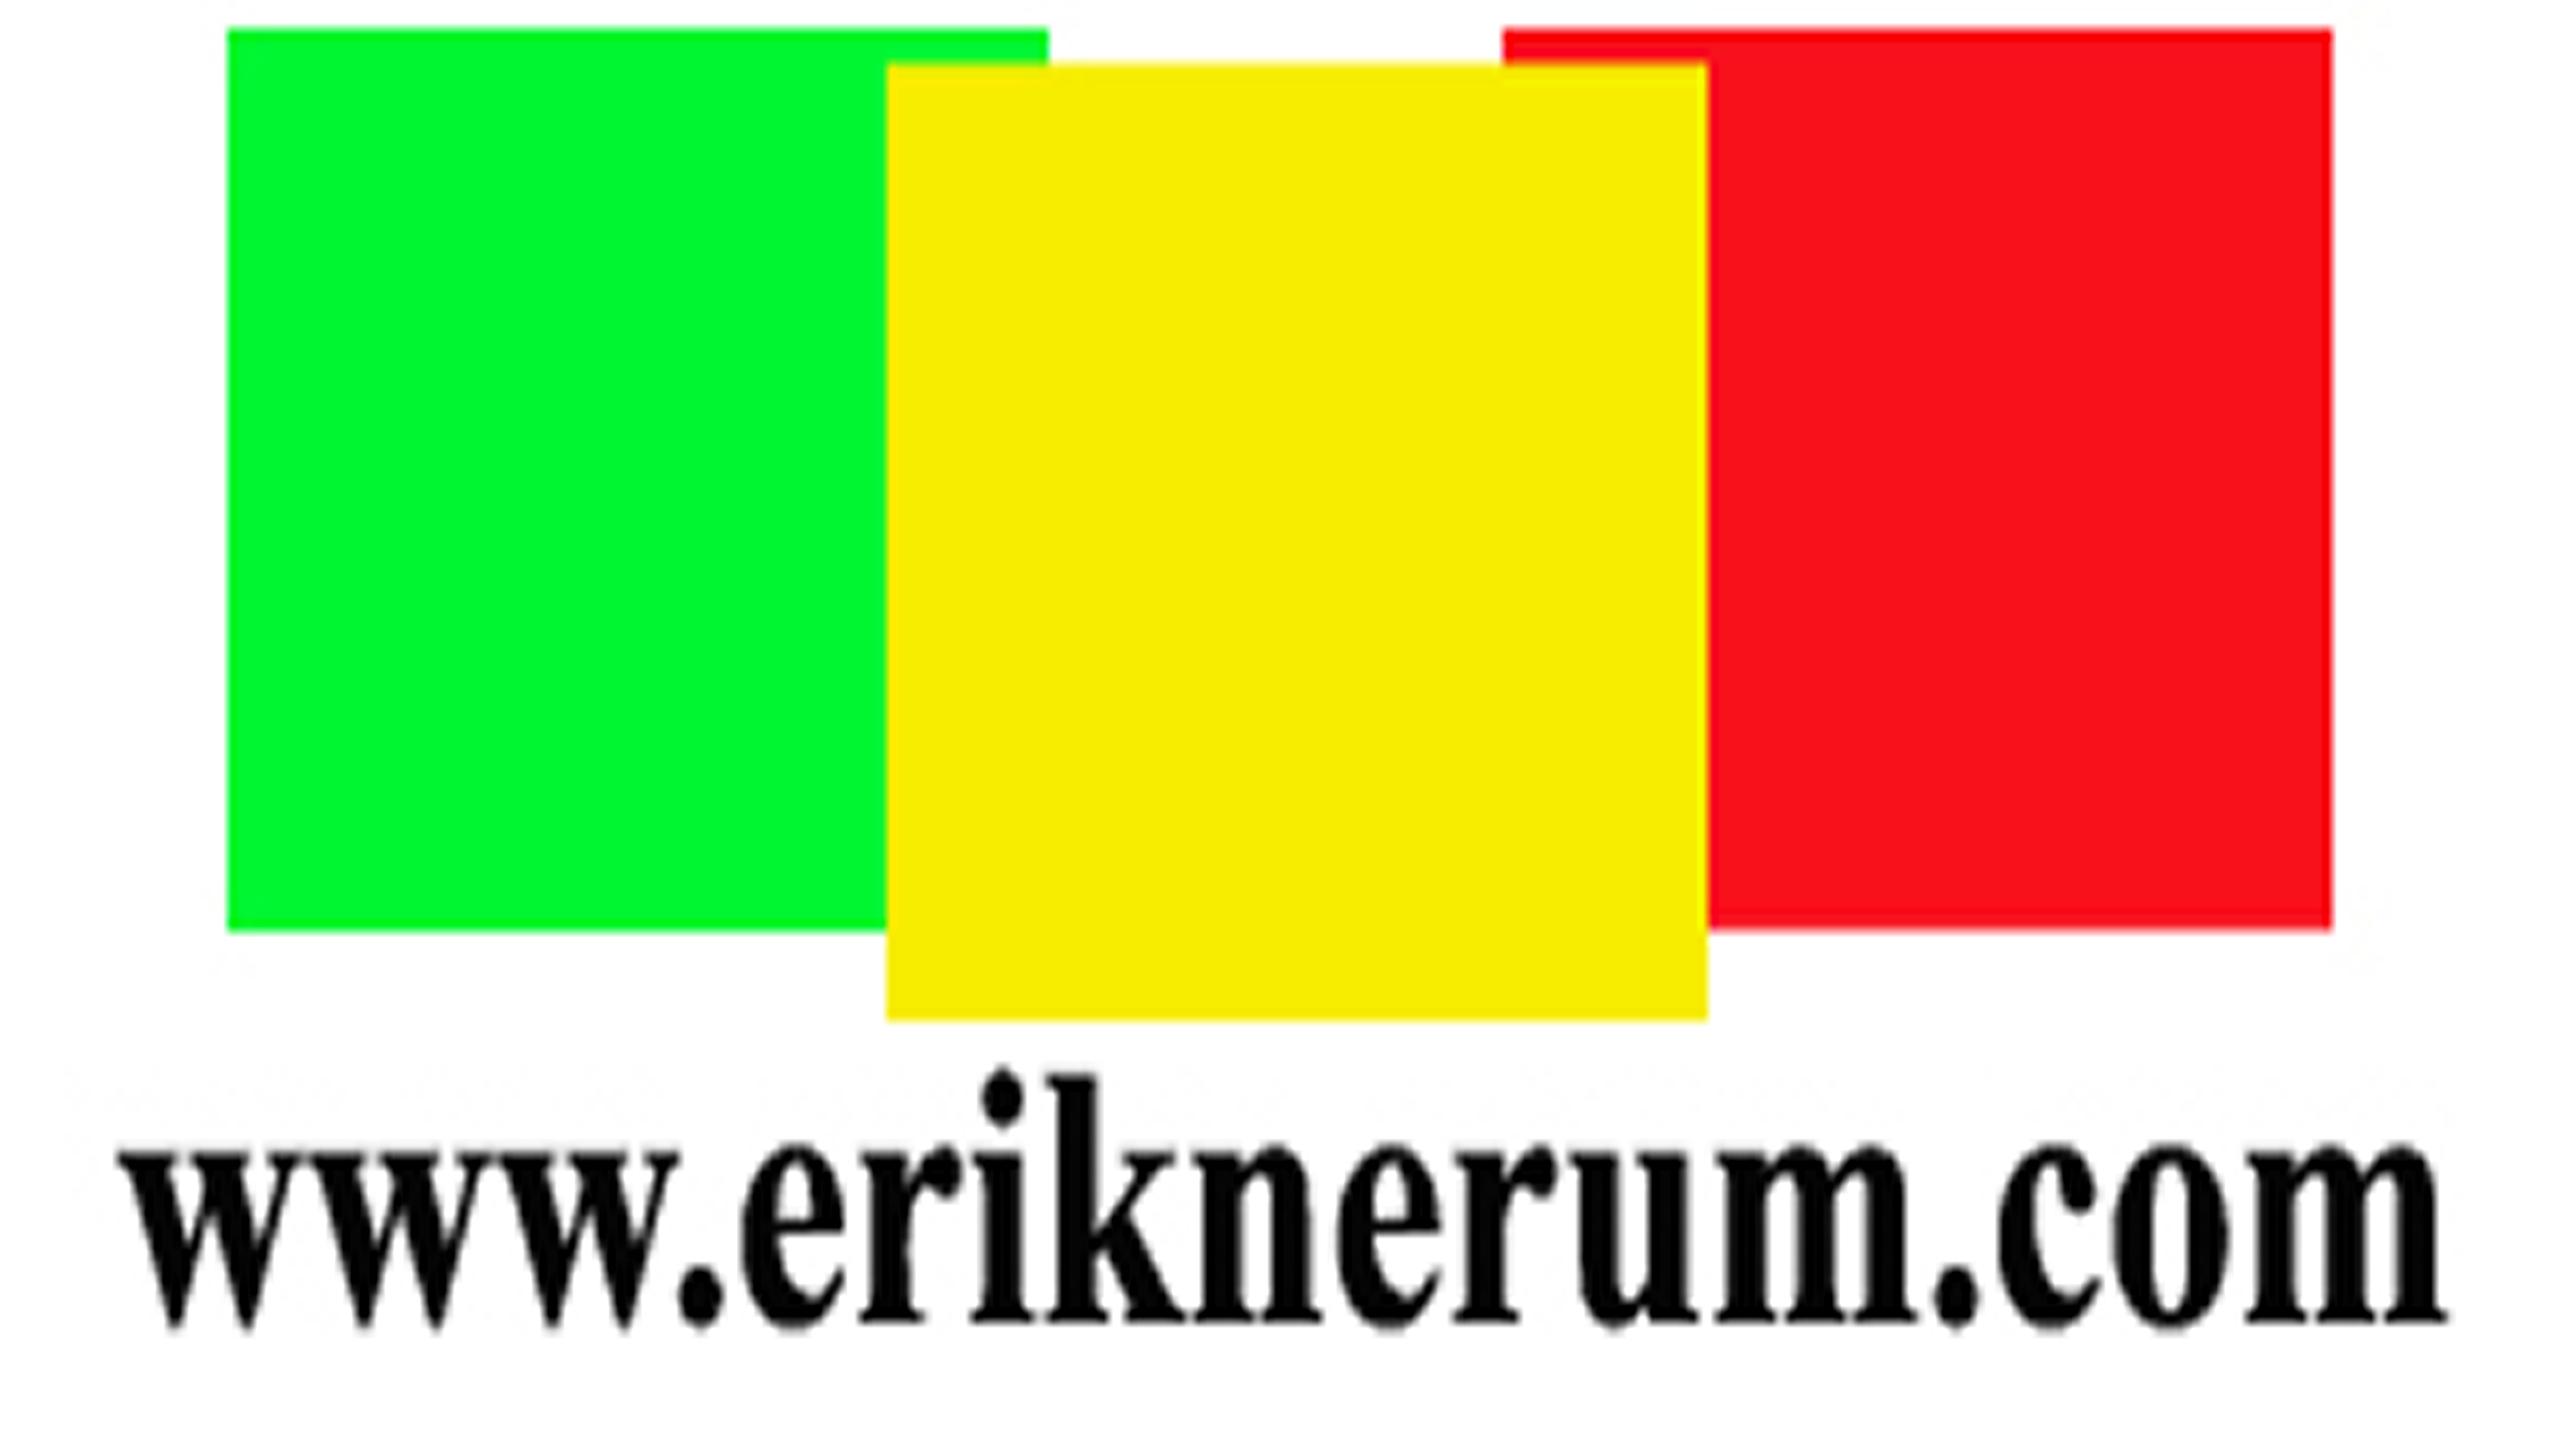 Manfaat website untuk usaha atau bisnis Anda  blog.eriknerum.com